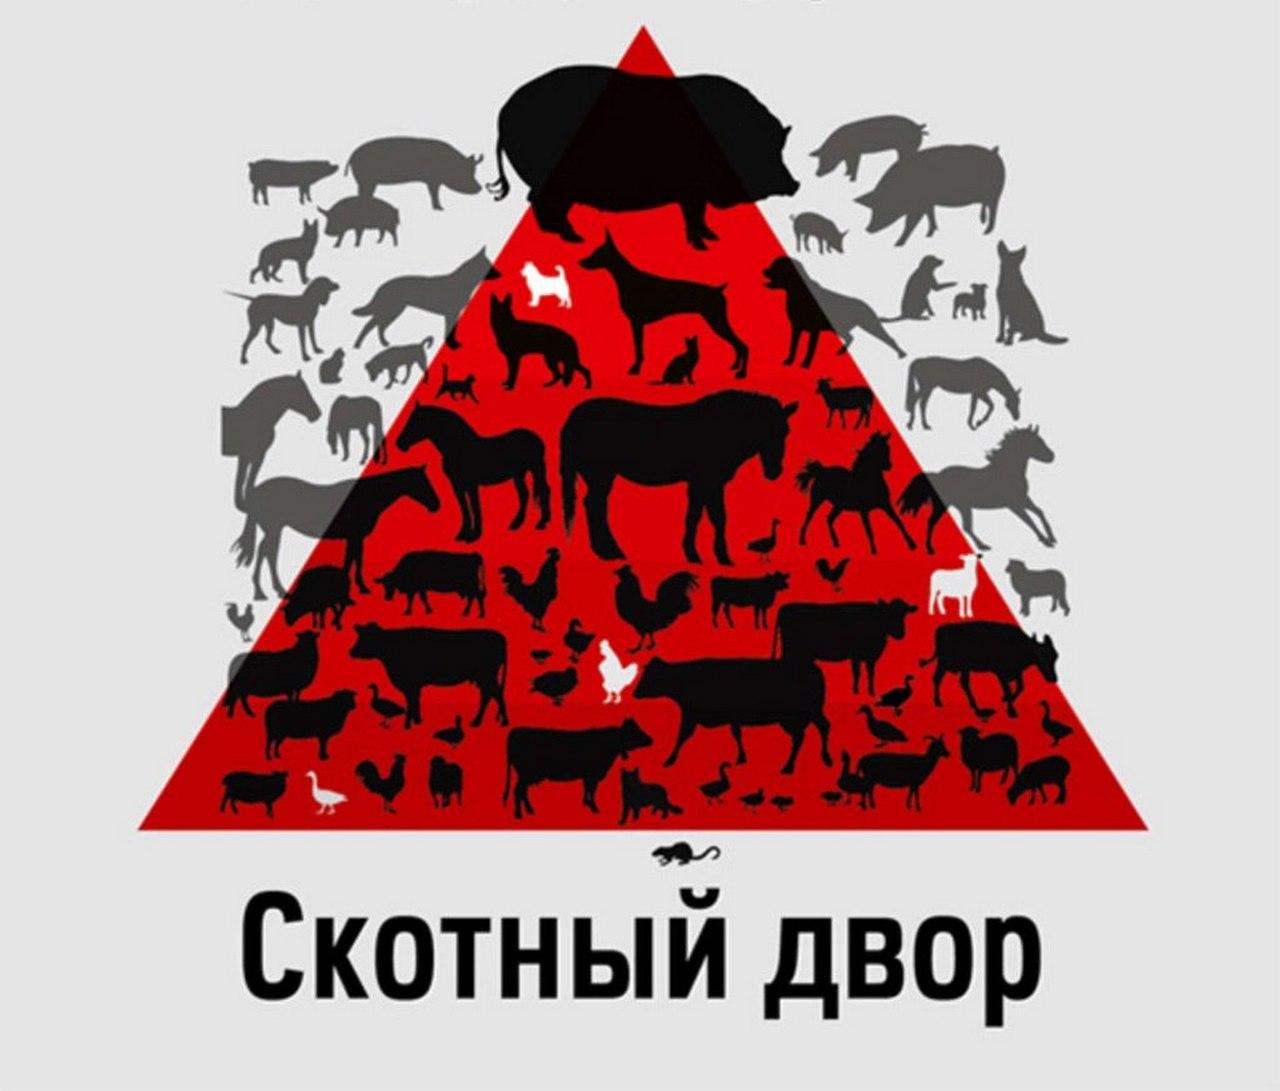 Скотный двор у стен российского посольства. Юлия Витязева